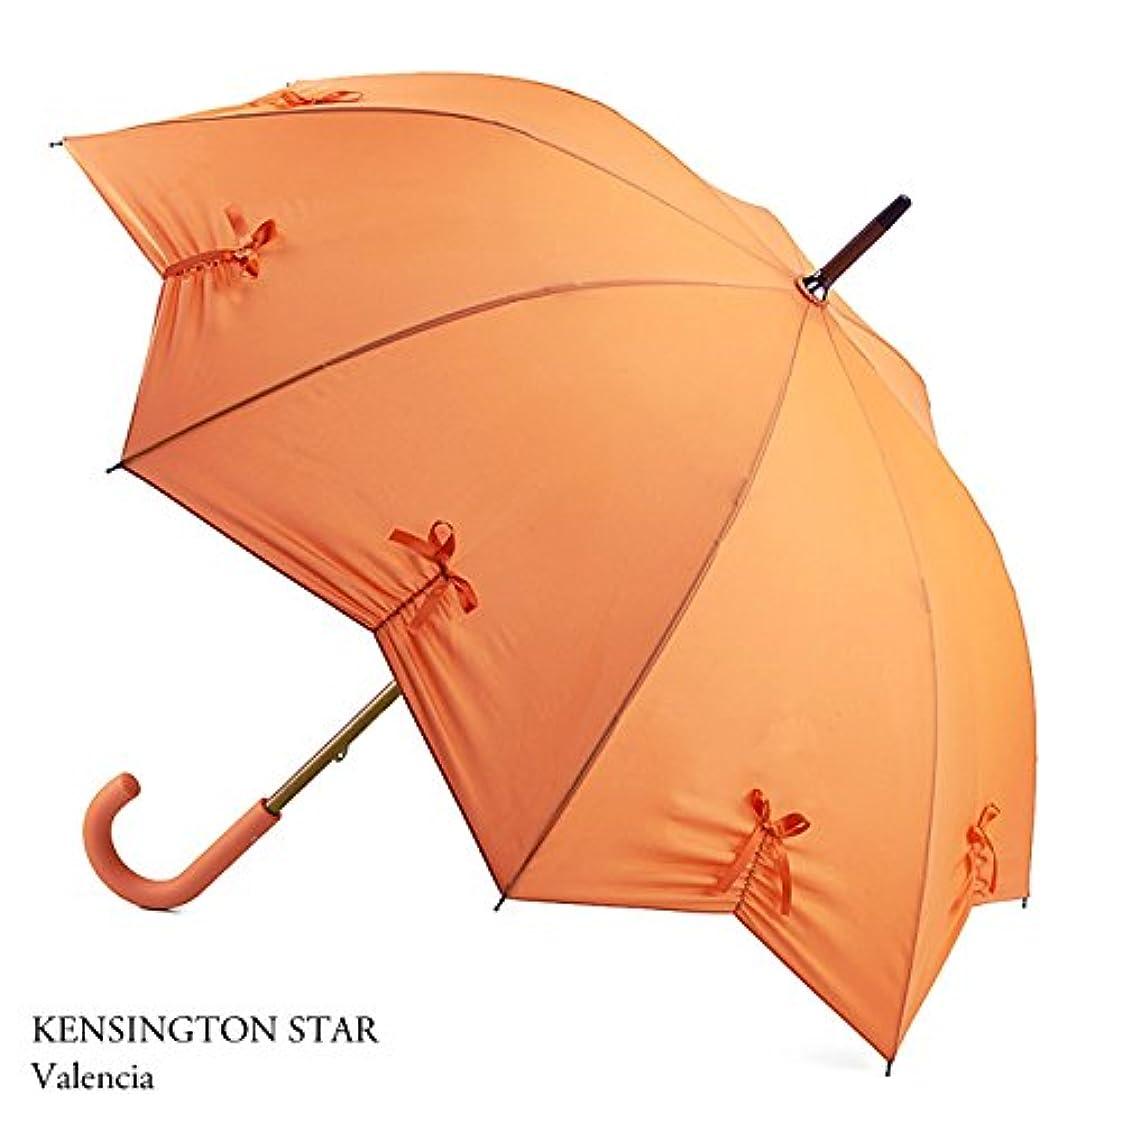 一方、謎めいた懲戒フルトン FULTON 傘 ケンジントン スター 限定色 バレンシア オレンジ スター L776